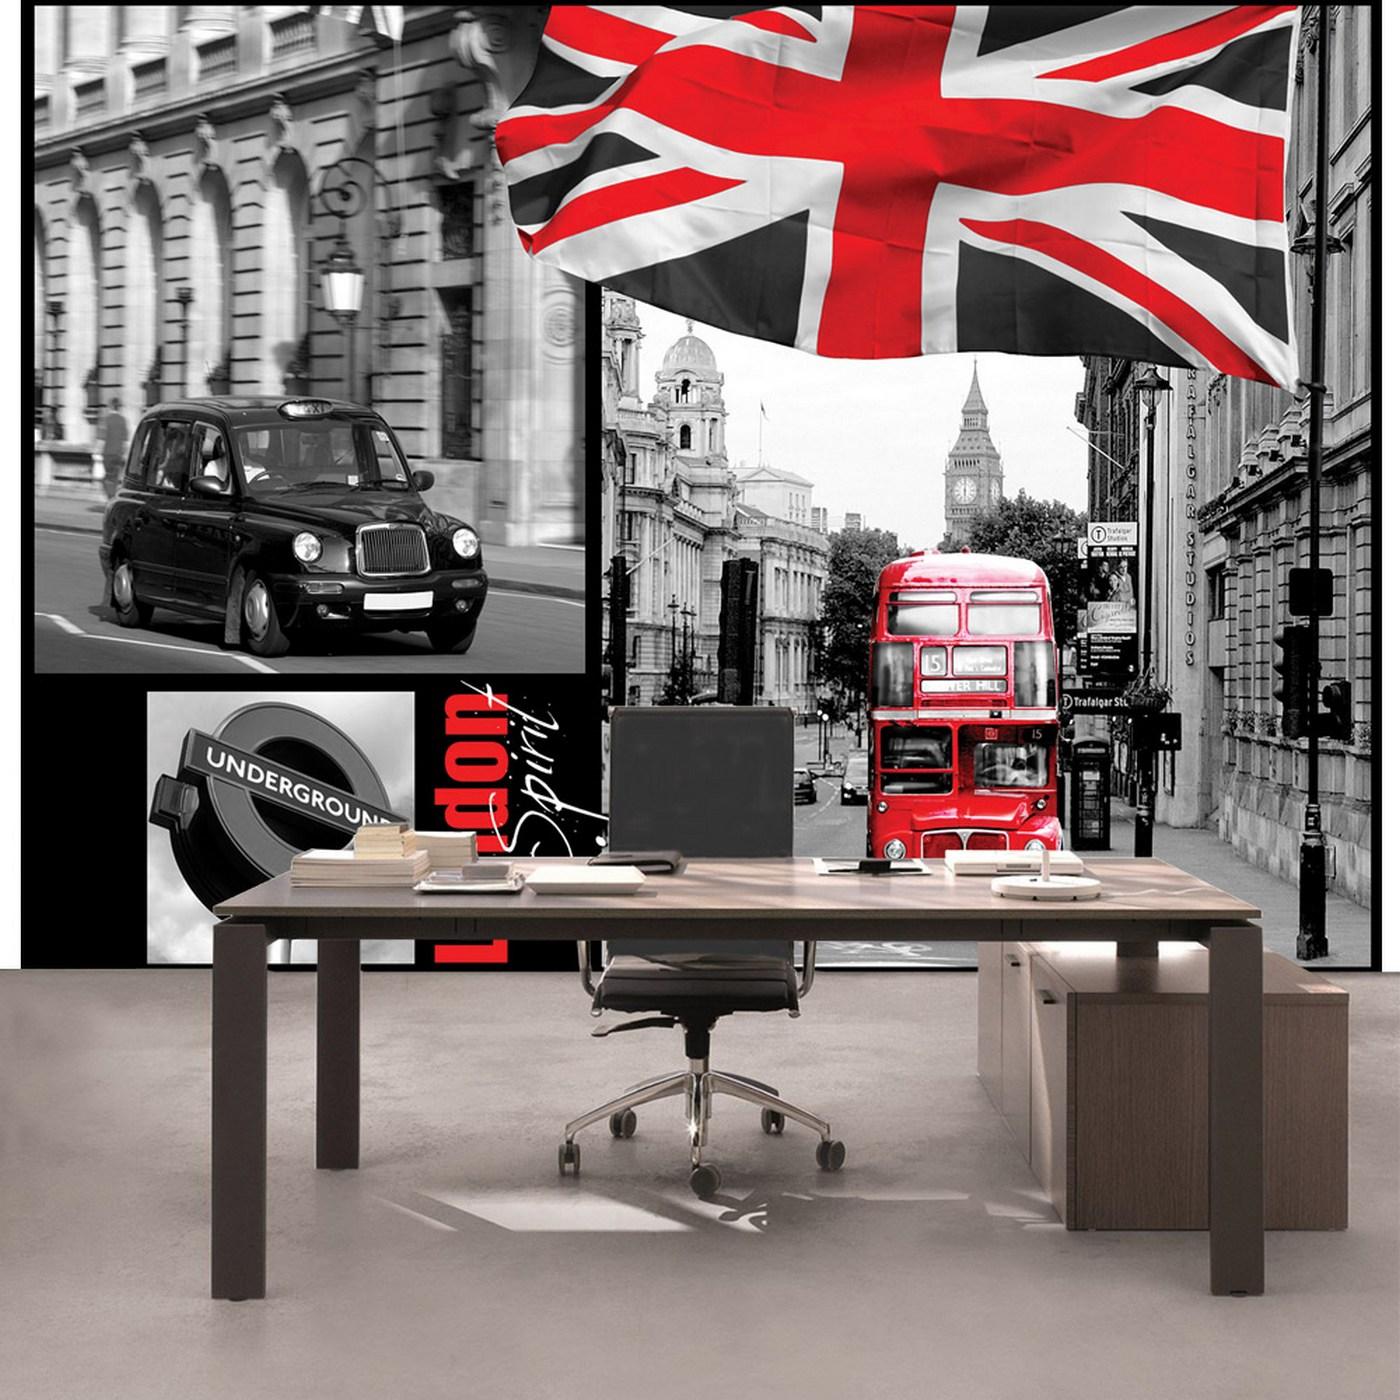 Vlies Fototapete 286 London Tapete London Bus Flagge Schwarz Weiß Rot Schrift Schwarz Weiß